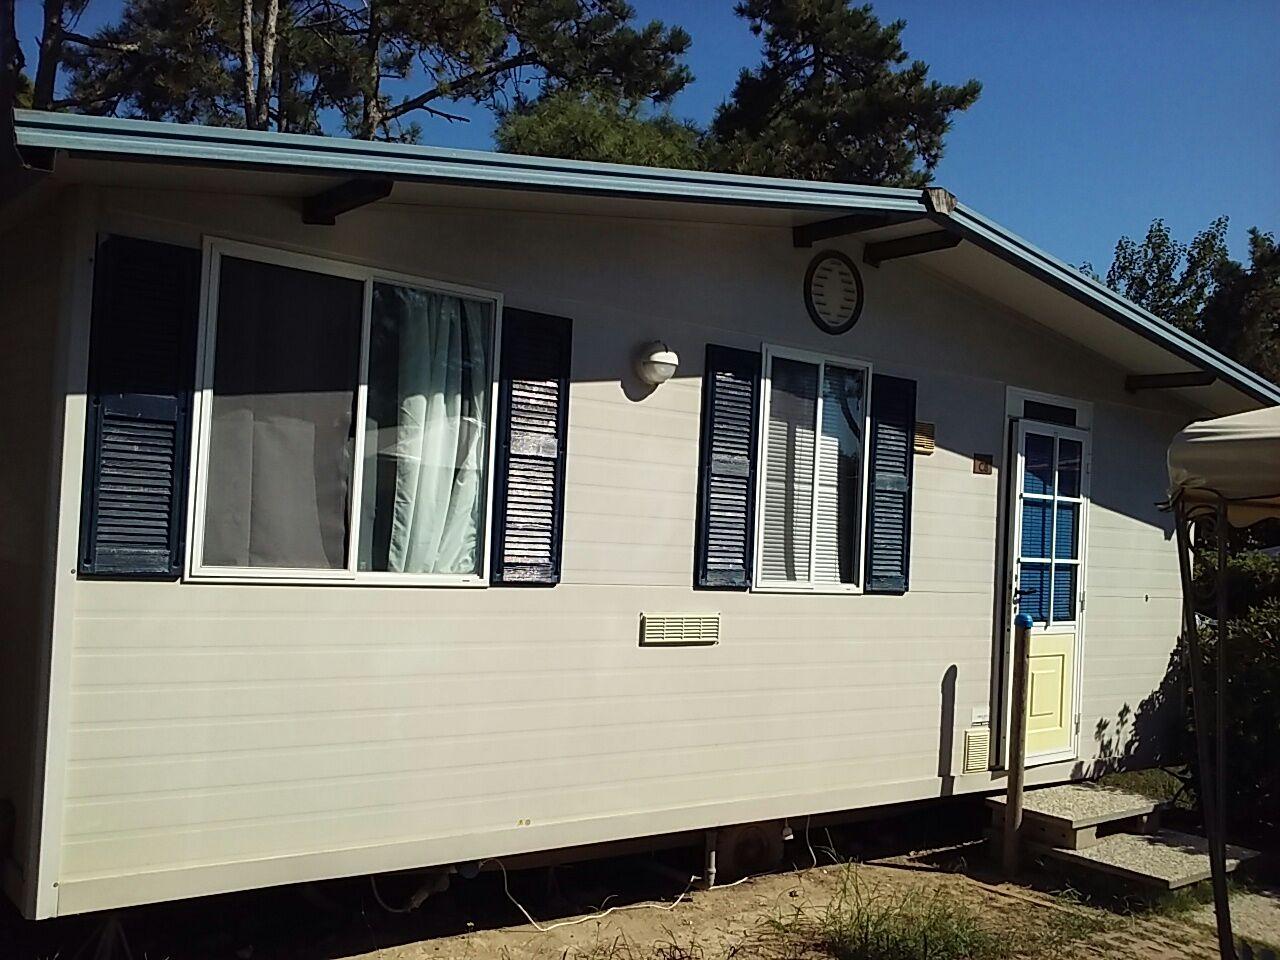 casa mobile shelbox garda 6 60x3 00 4springs case mobili